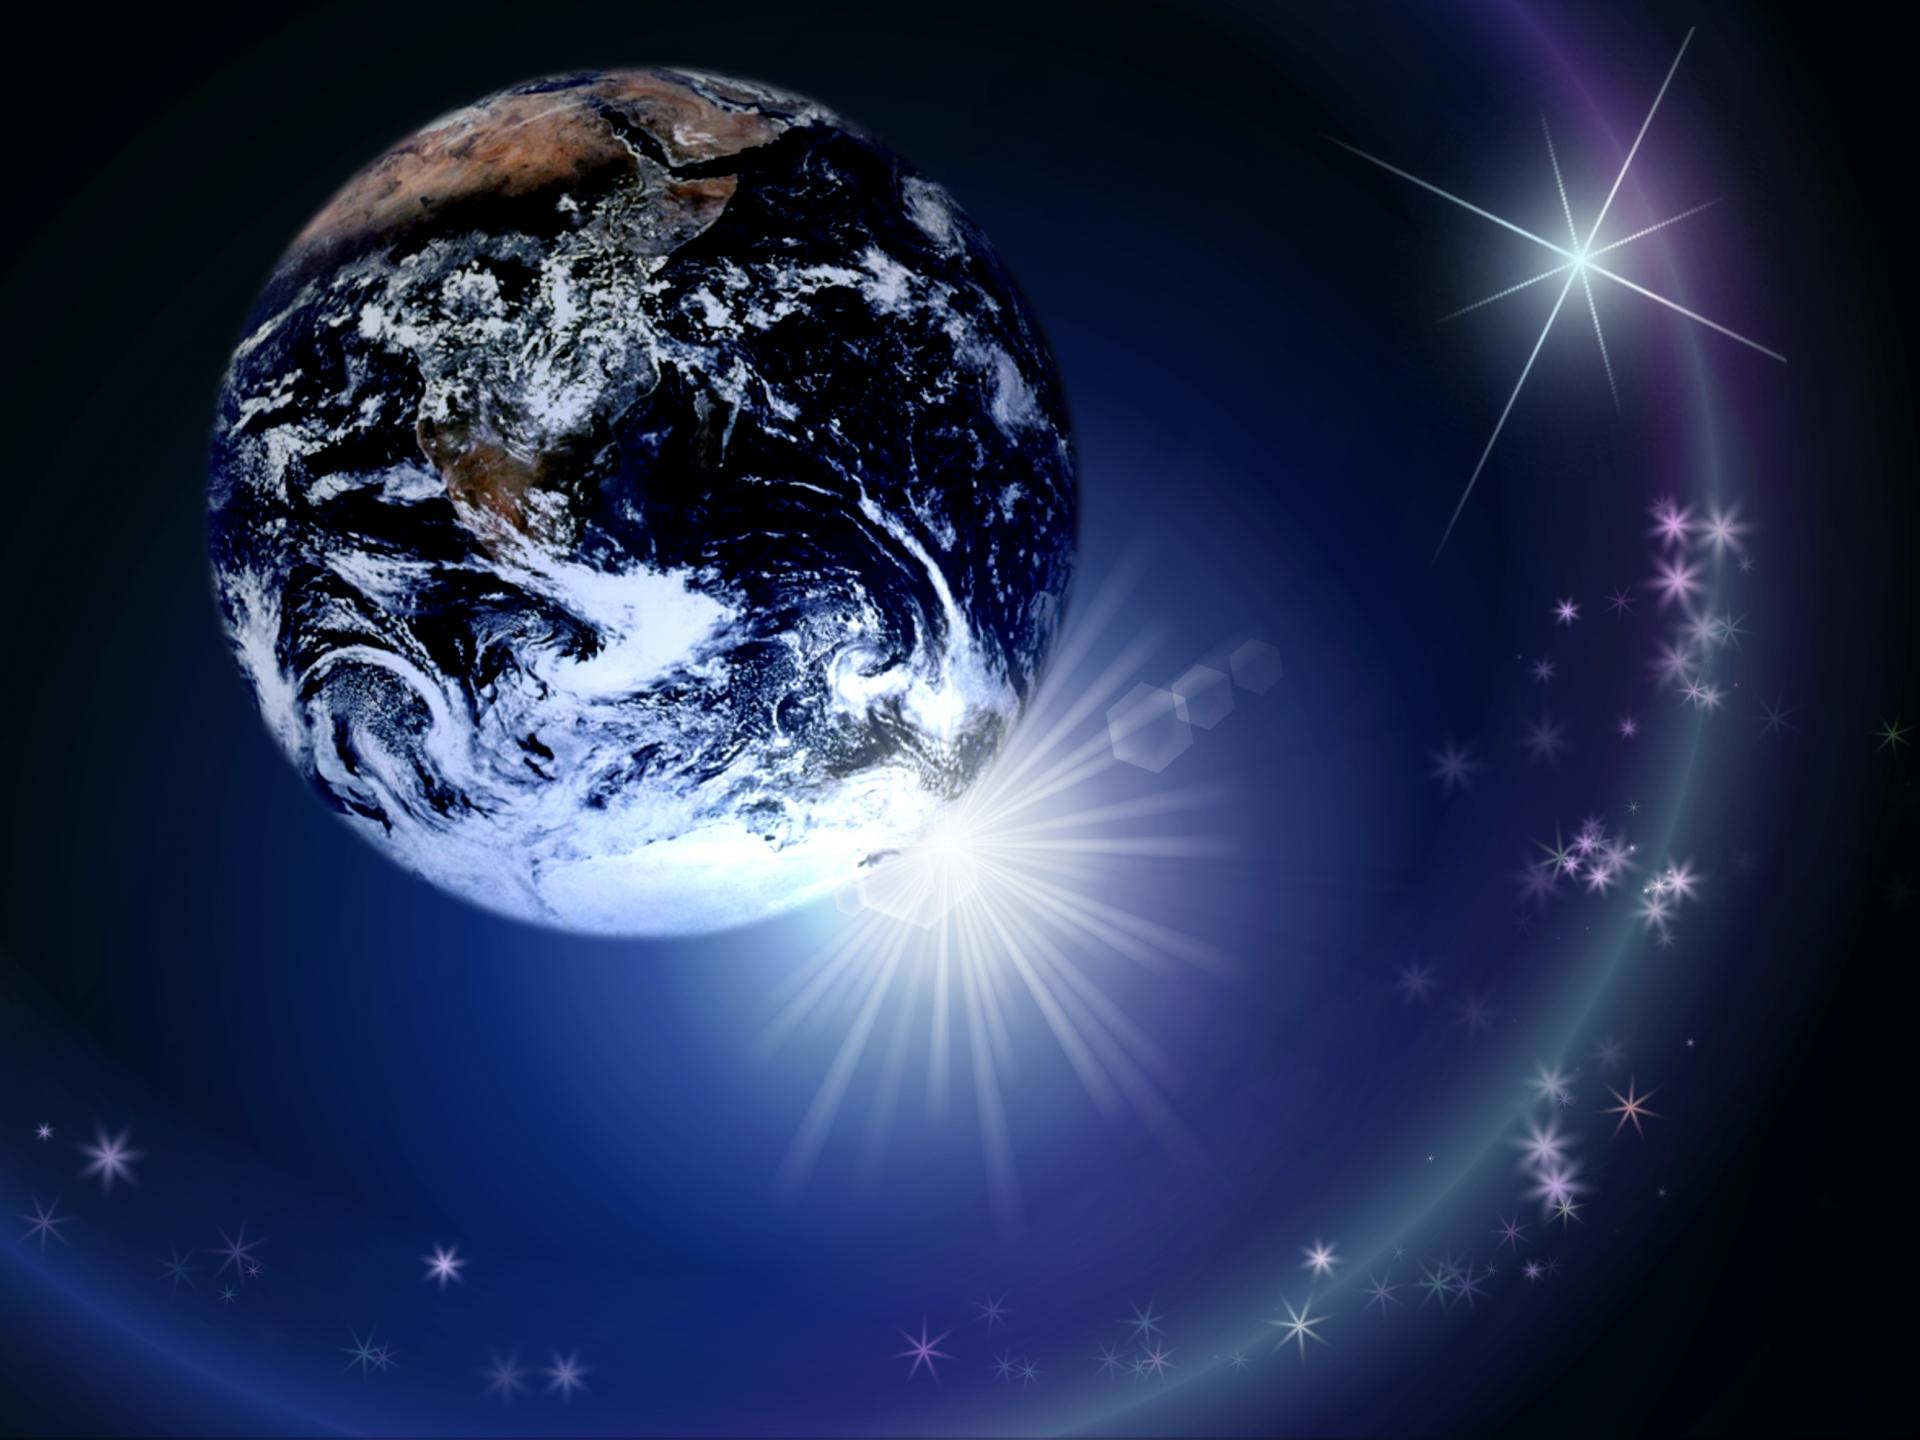 もしも地球の自転が止まったら、そのとき何が起こるのか